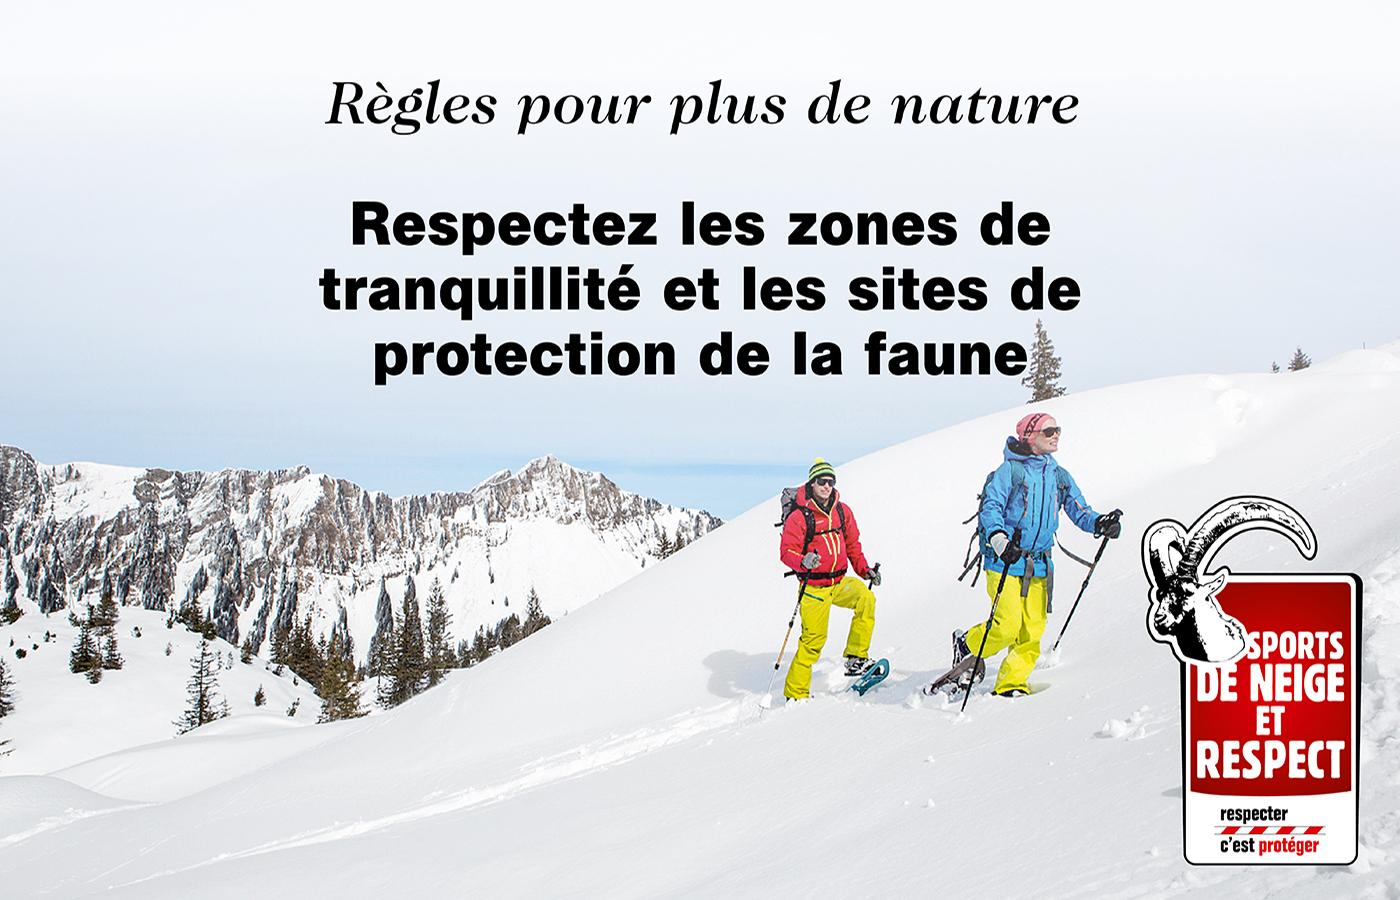 Sports de neige et respect - respecter c'est protéger